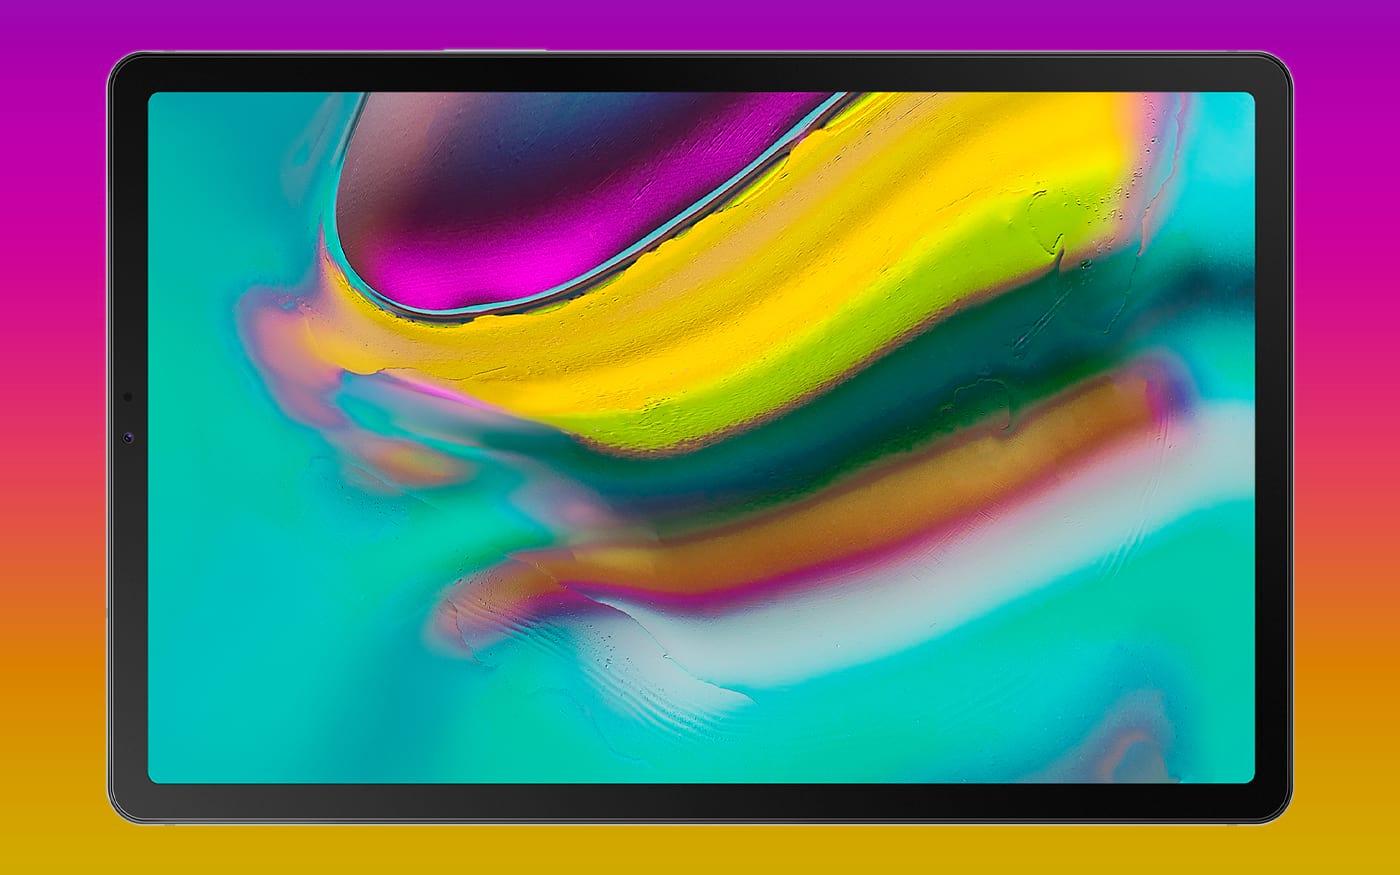 Próximo tablet da Samsung pode ser lançado como o Galaxy Tab S6